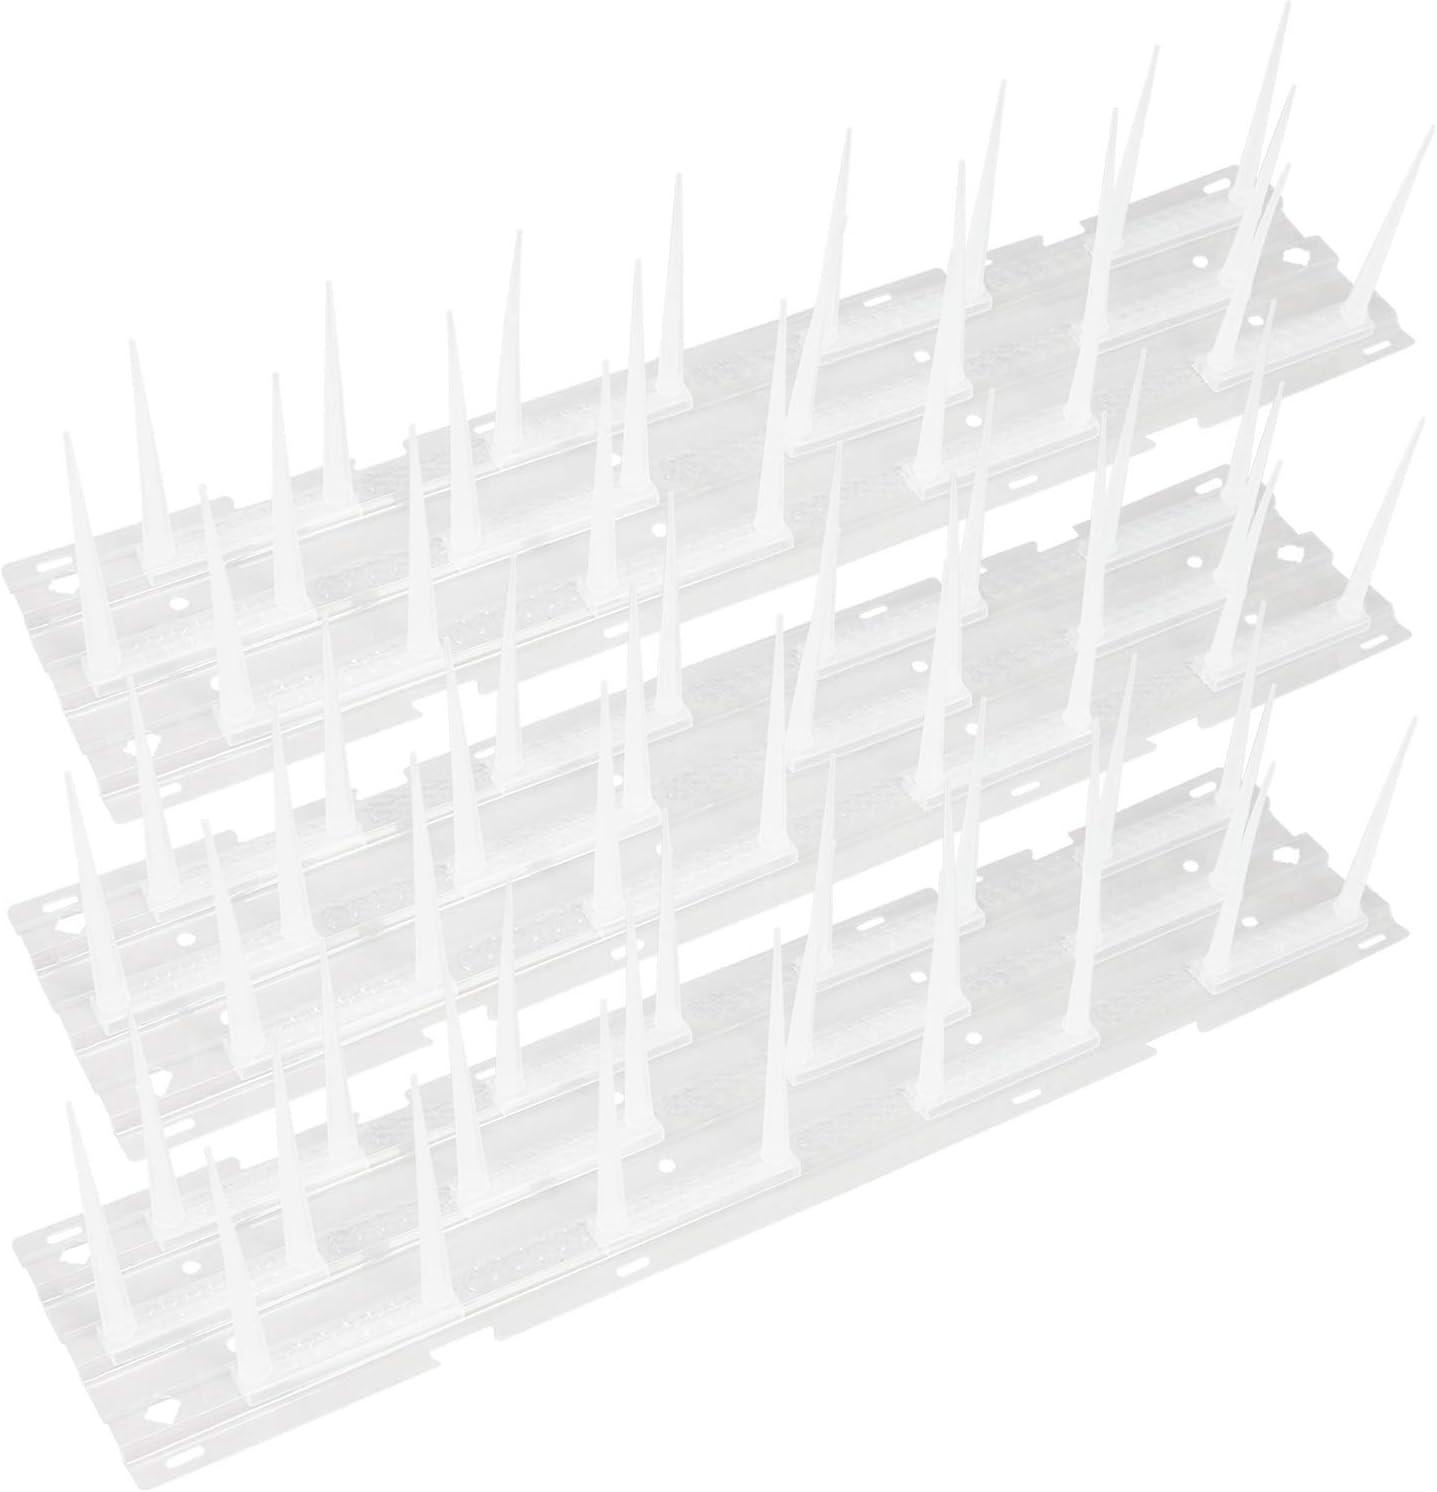 com-four® Picos de Defensa de Aves 3X 3 hileras, Repelente de Palomas Extensible a 115 cm, Miedo de Aves para la casa y el jardín, 40 x 9.5 cm por riel (03 Piezas - espigas)